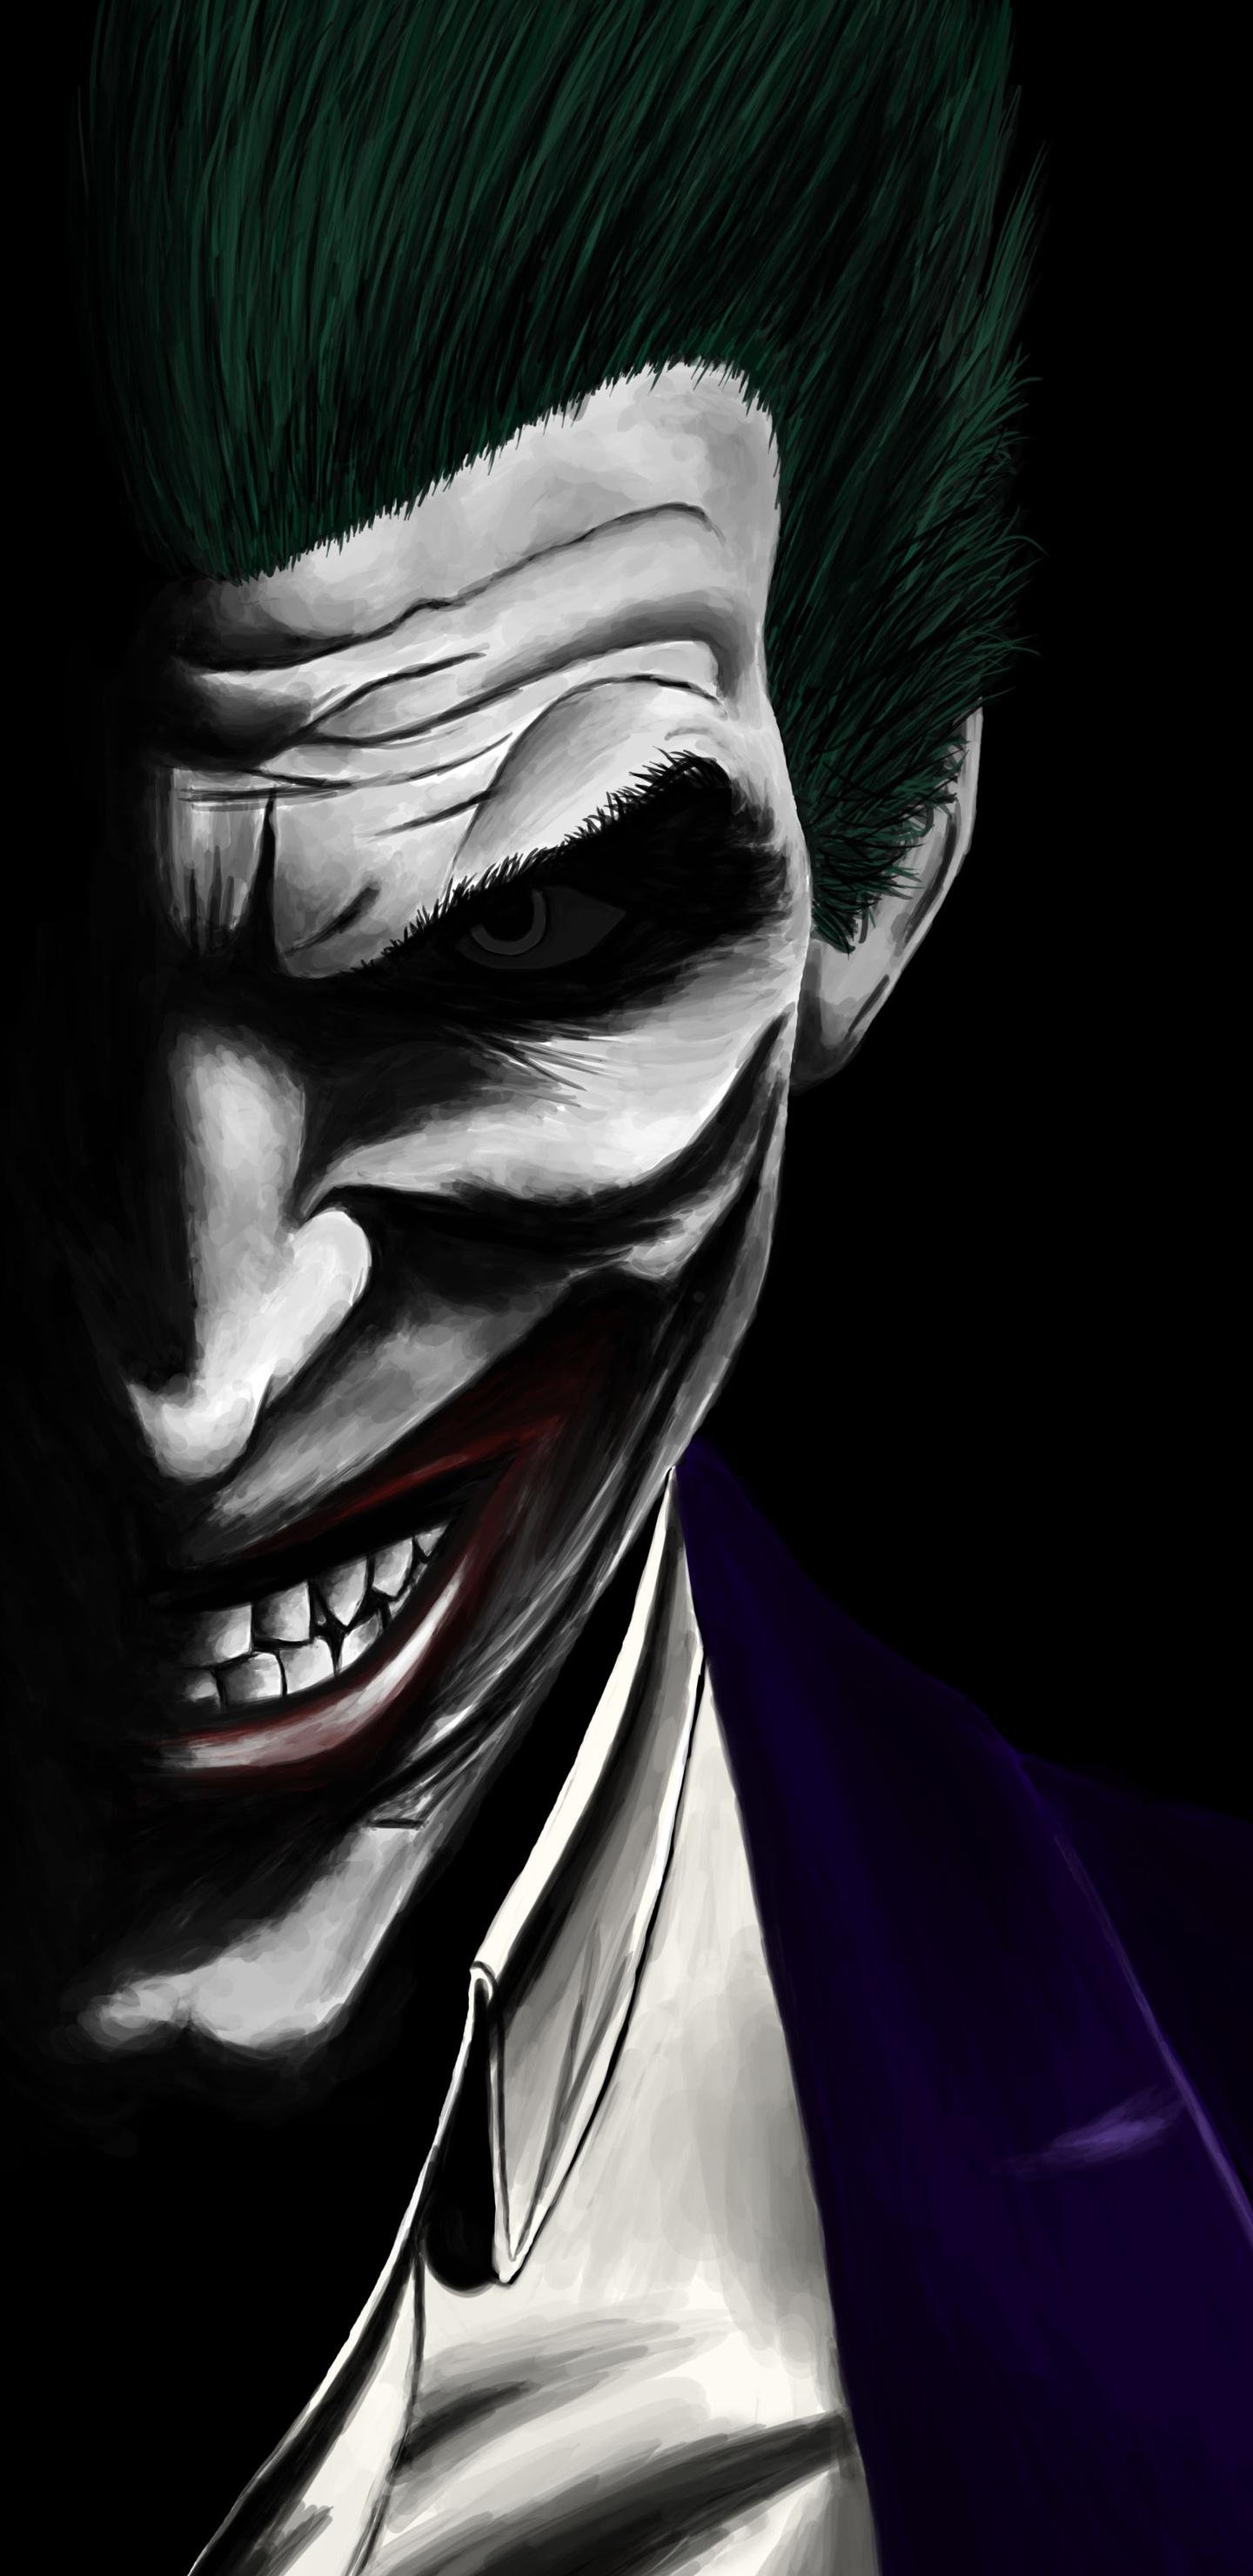 joker-artwork-5k-dg.jpg